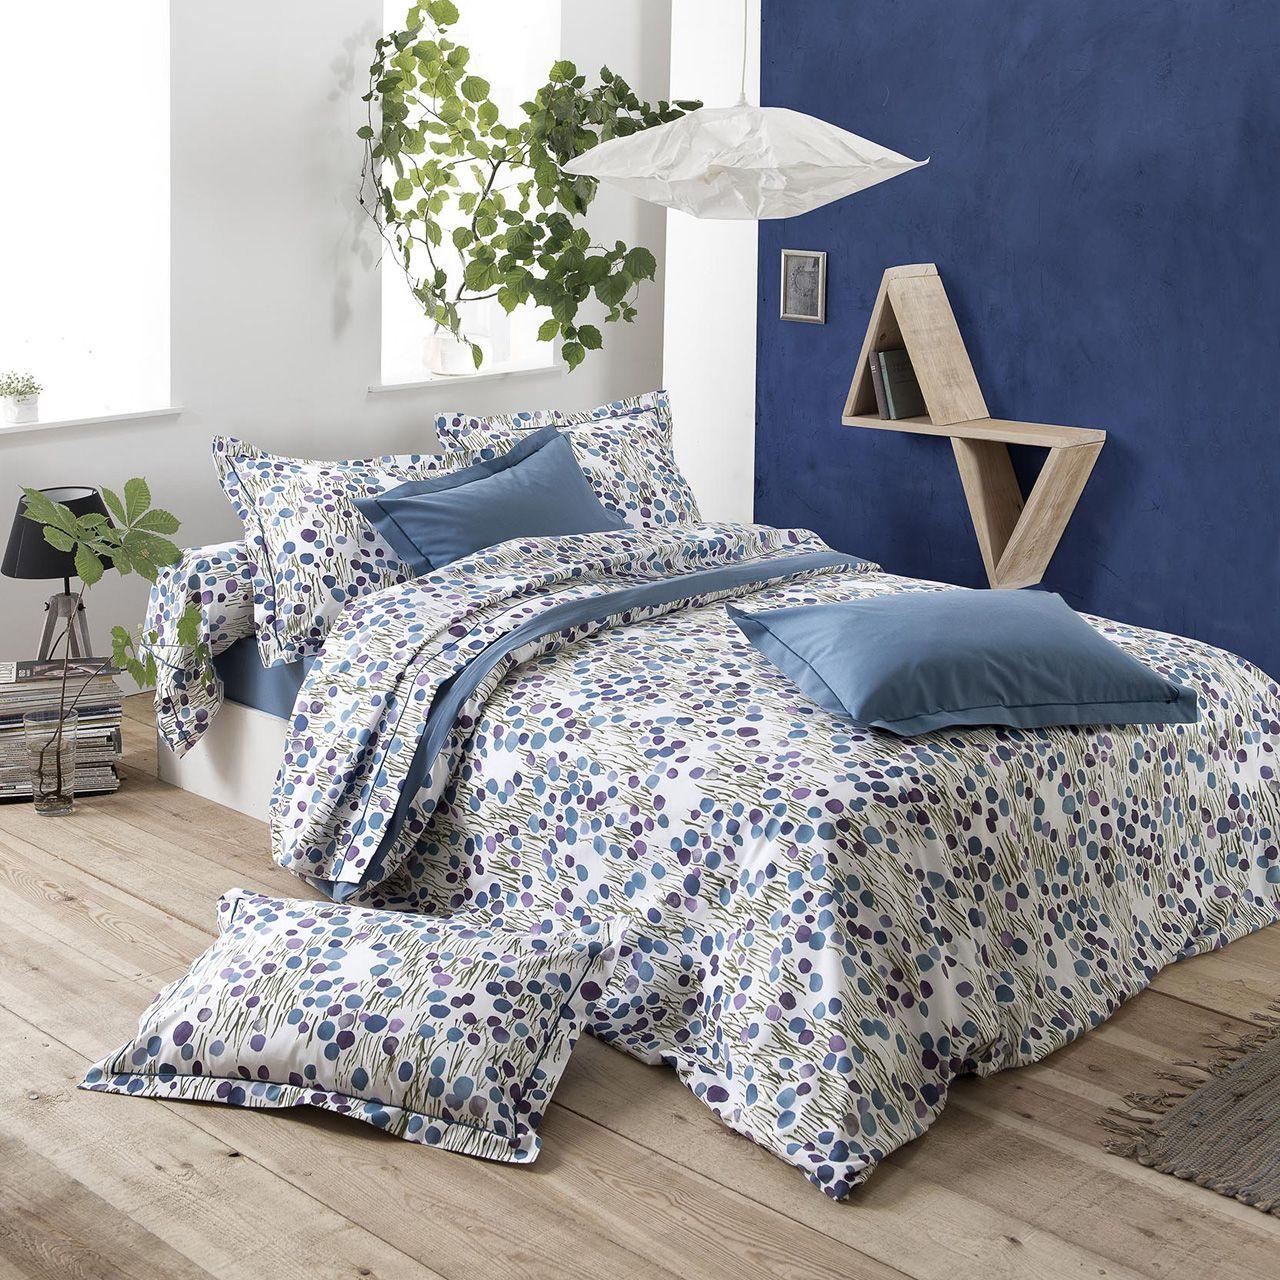 parure de lit bagatelle encre motifs coton dp 240x310 dh 140x190 1tt. Black Bedroom Furniture Sets. Home Design Ideas